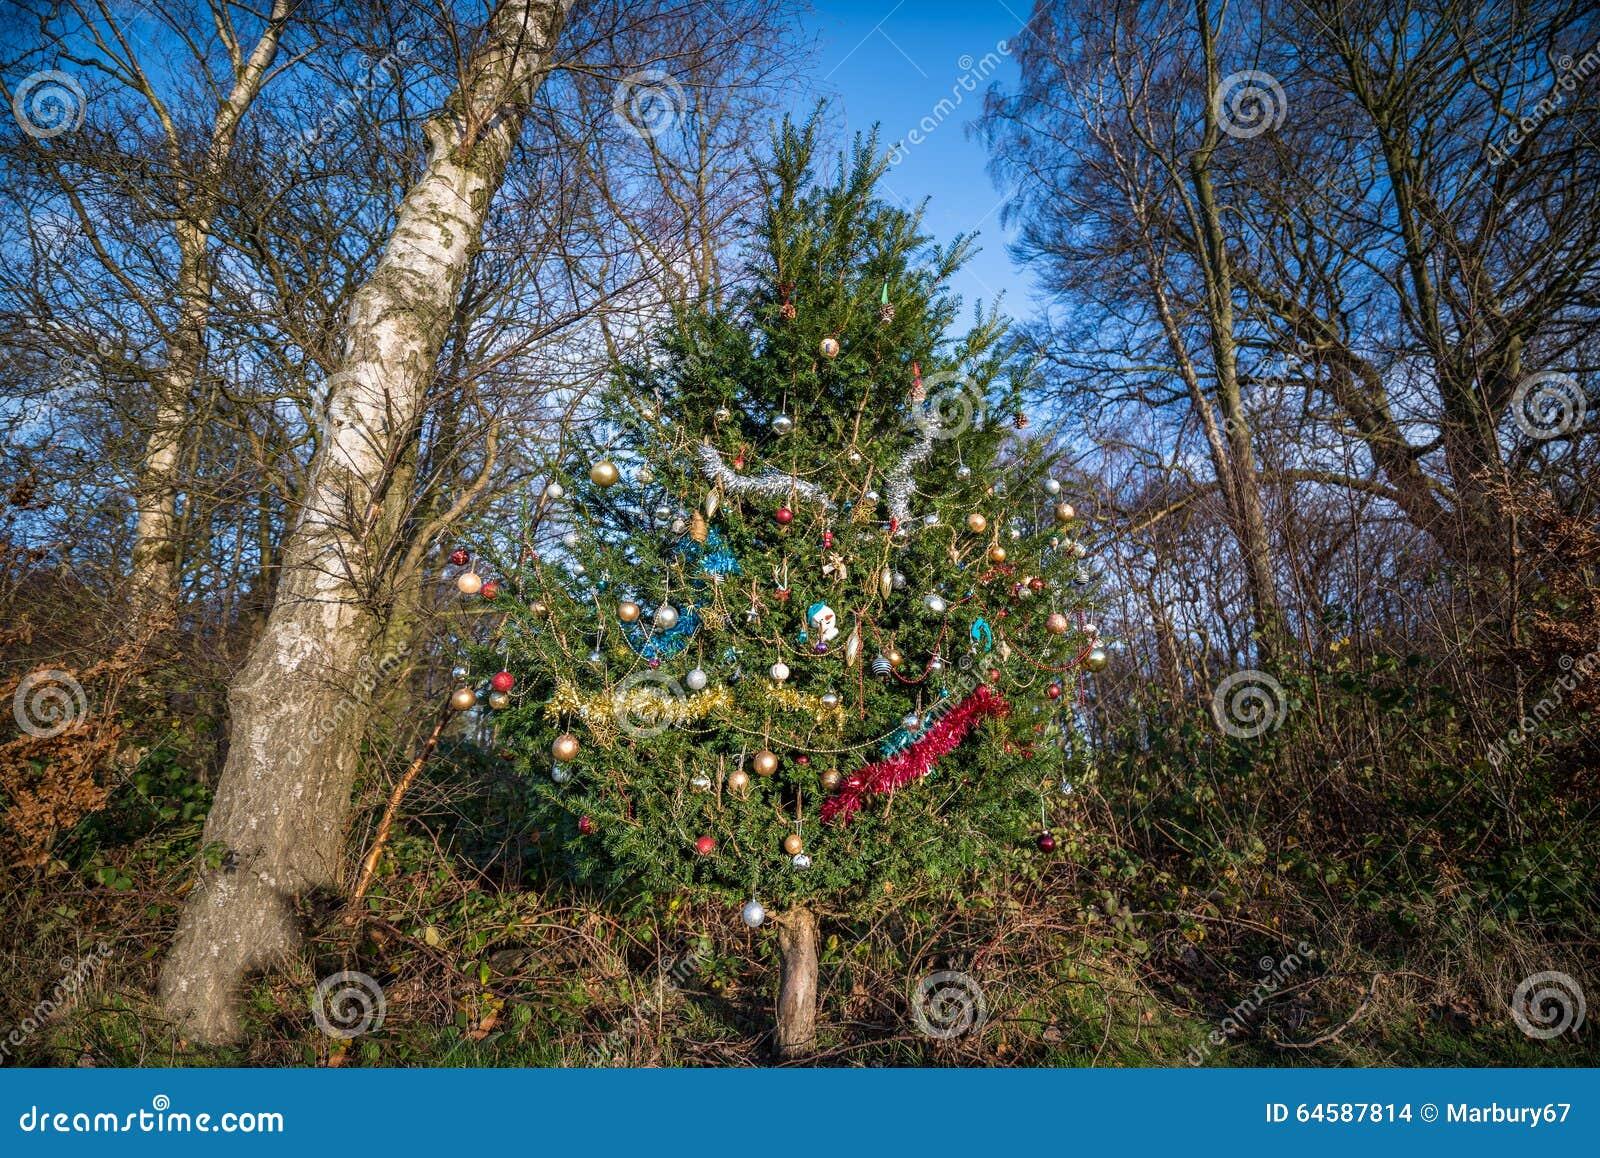 Woodland Christmas Decorations.Woodland Christmas Tree Stock Photo Image Of Decorated